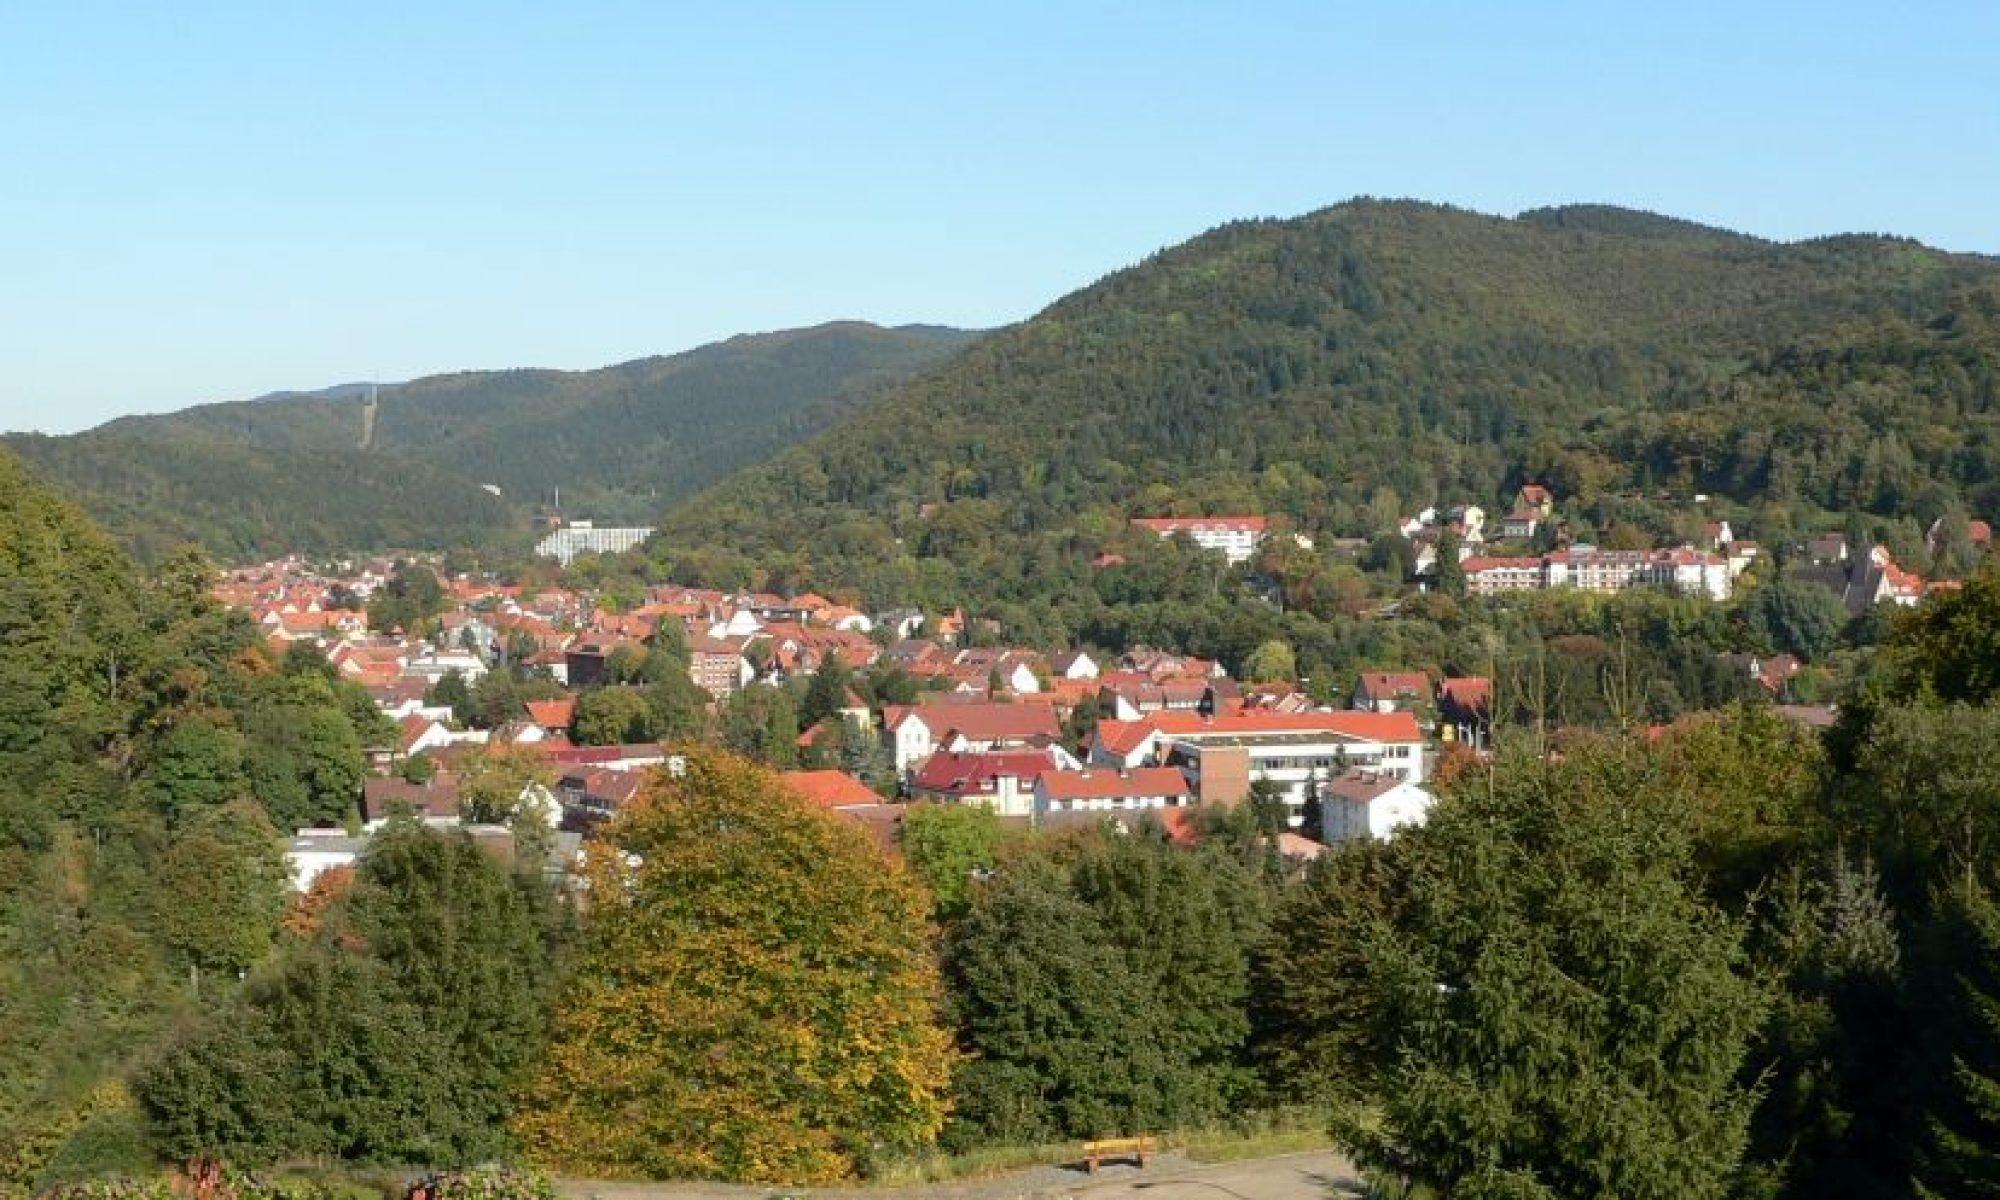 Ferienwohnung Bad Lauterberg im Harz